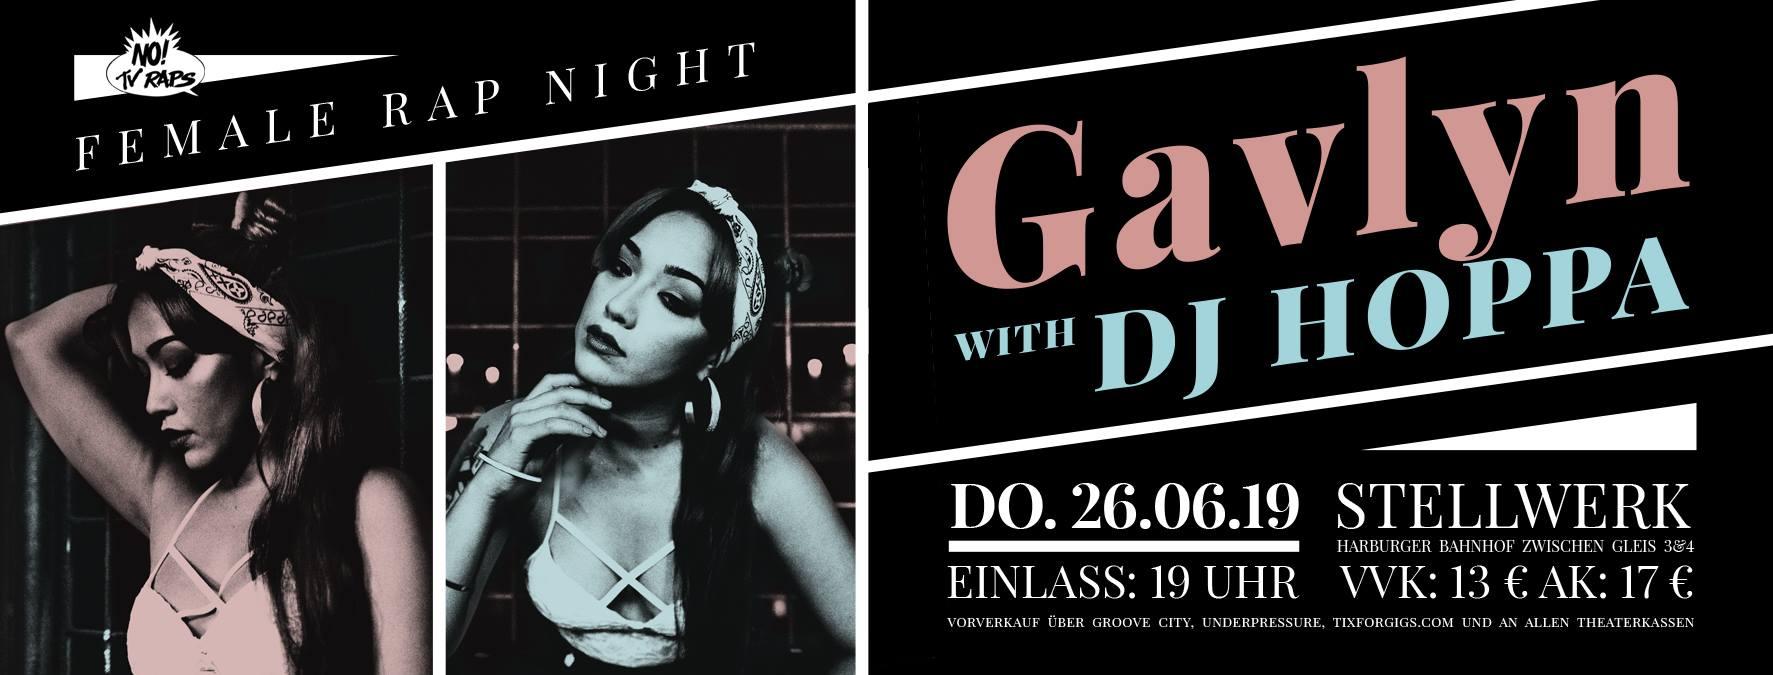 Female Rap Night feat. Gavlyn & DJ Hoppa